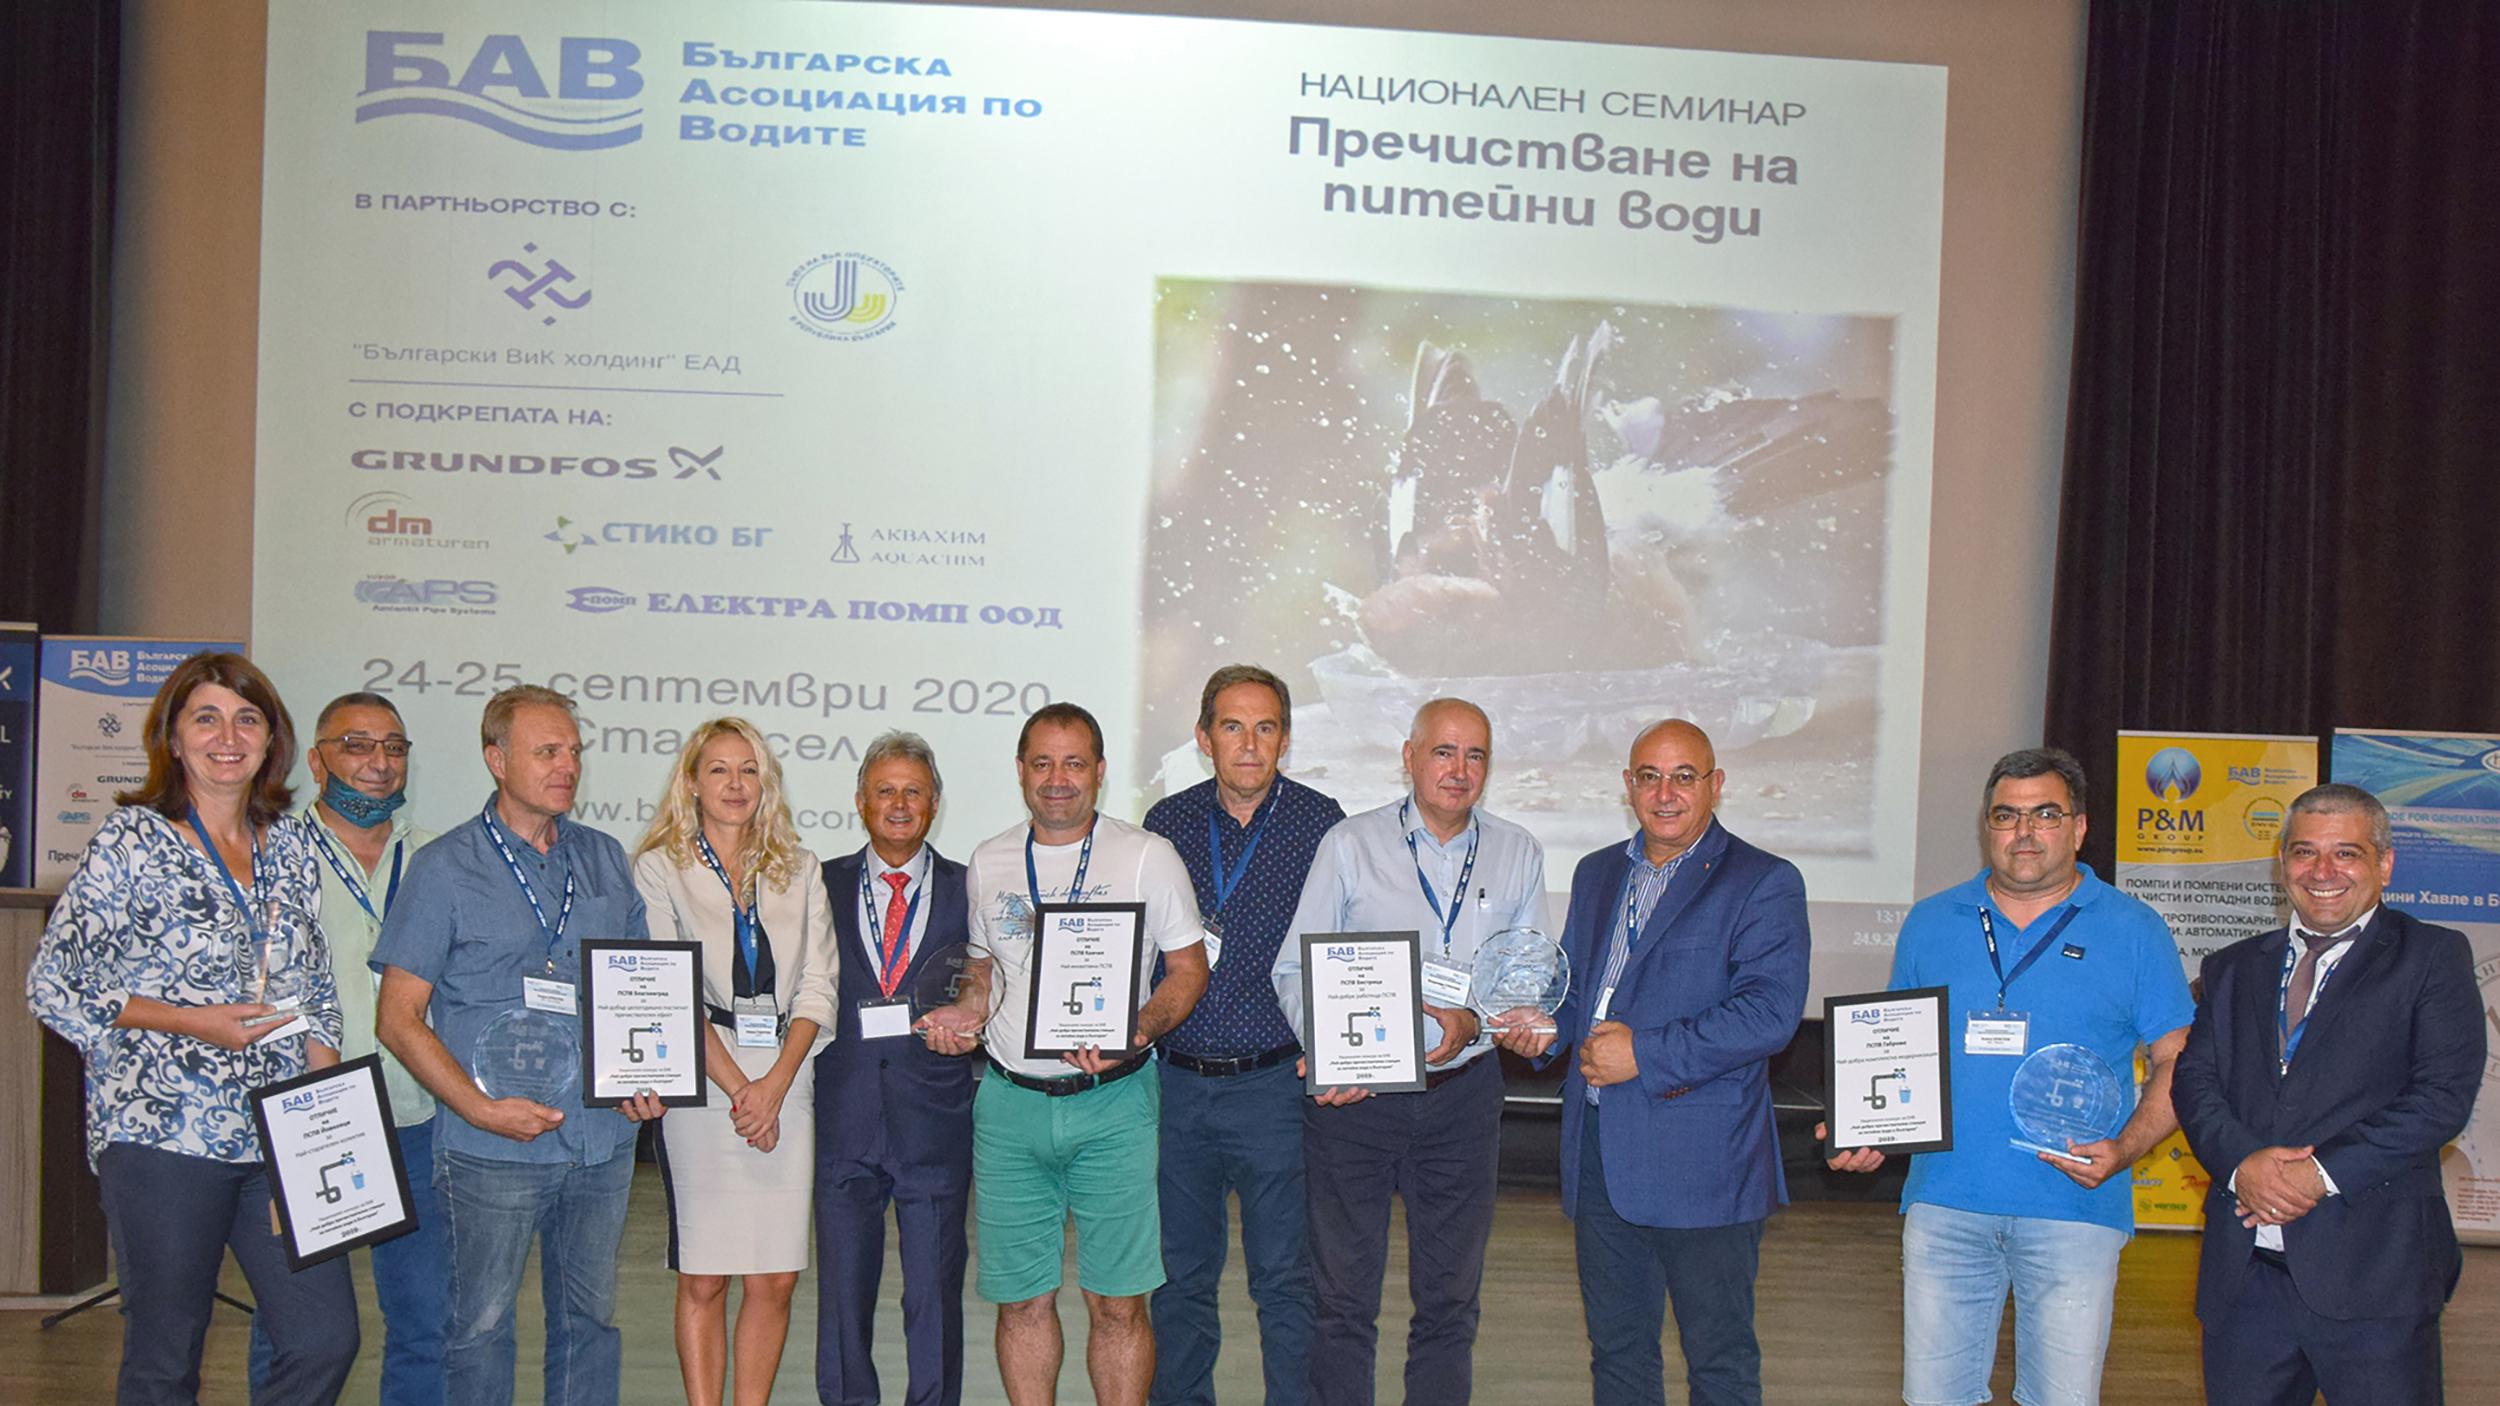 Национален семинар на БАВ – Пречистване на питейните води